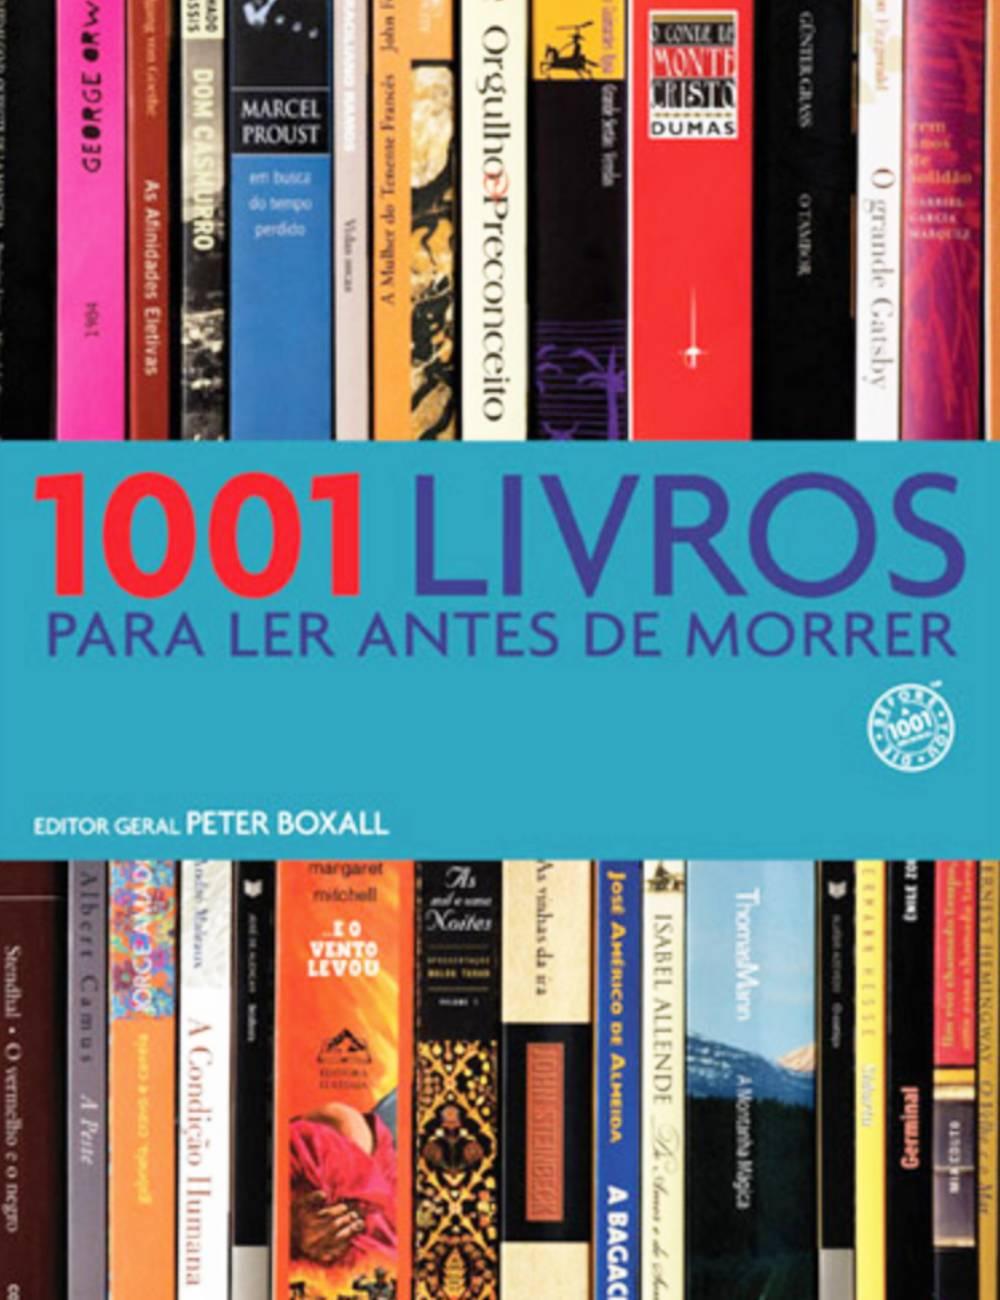 ambiente de leitura carlos romero cronica poesia literatura paraibana francisco gil messias livro antes de morrer 1001 questoes